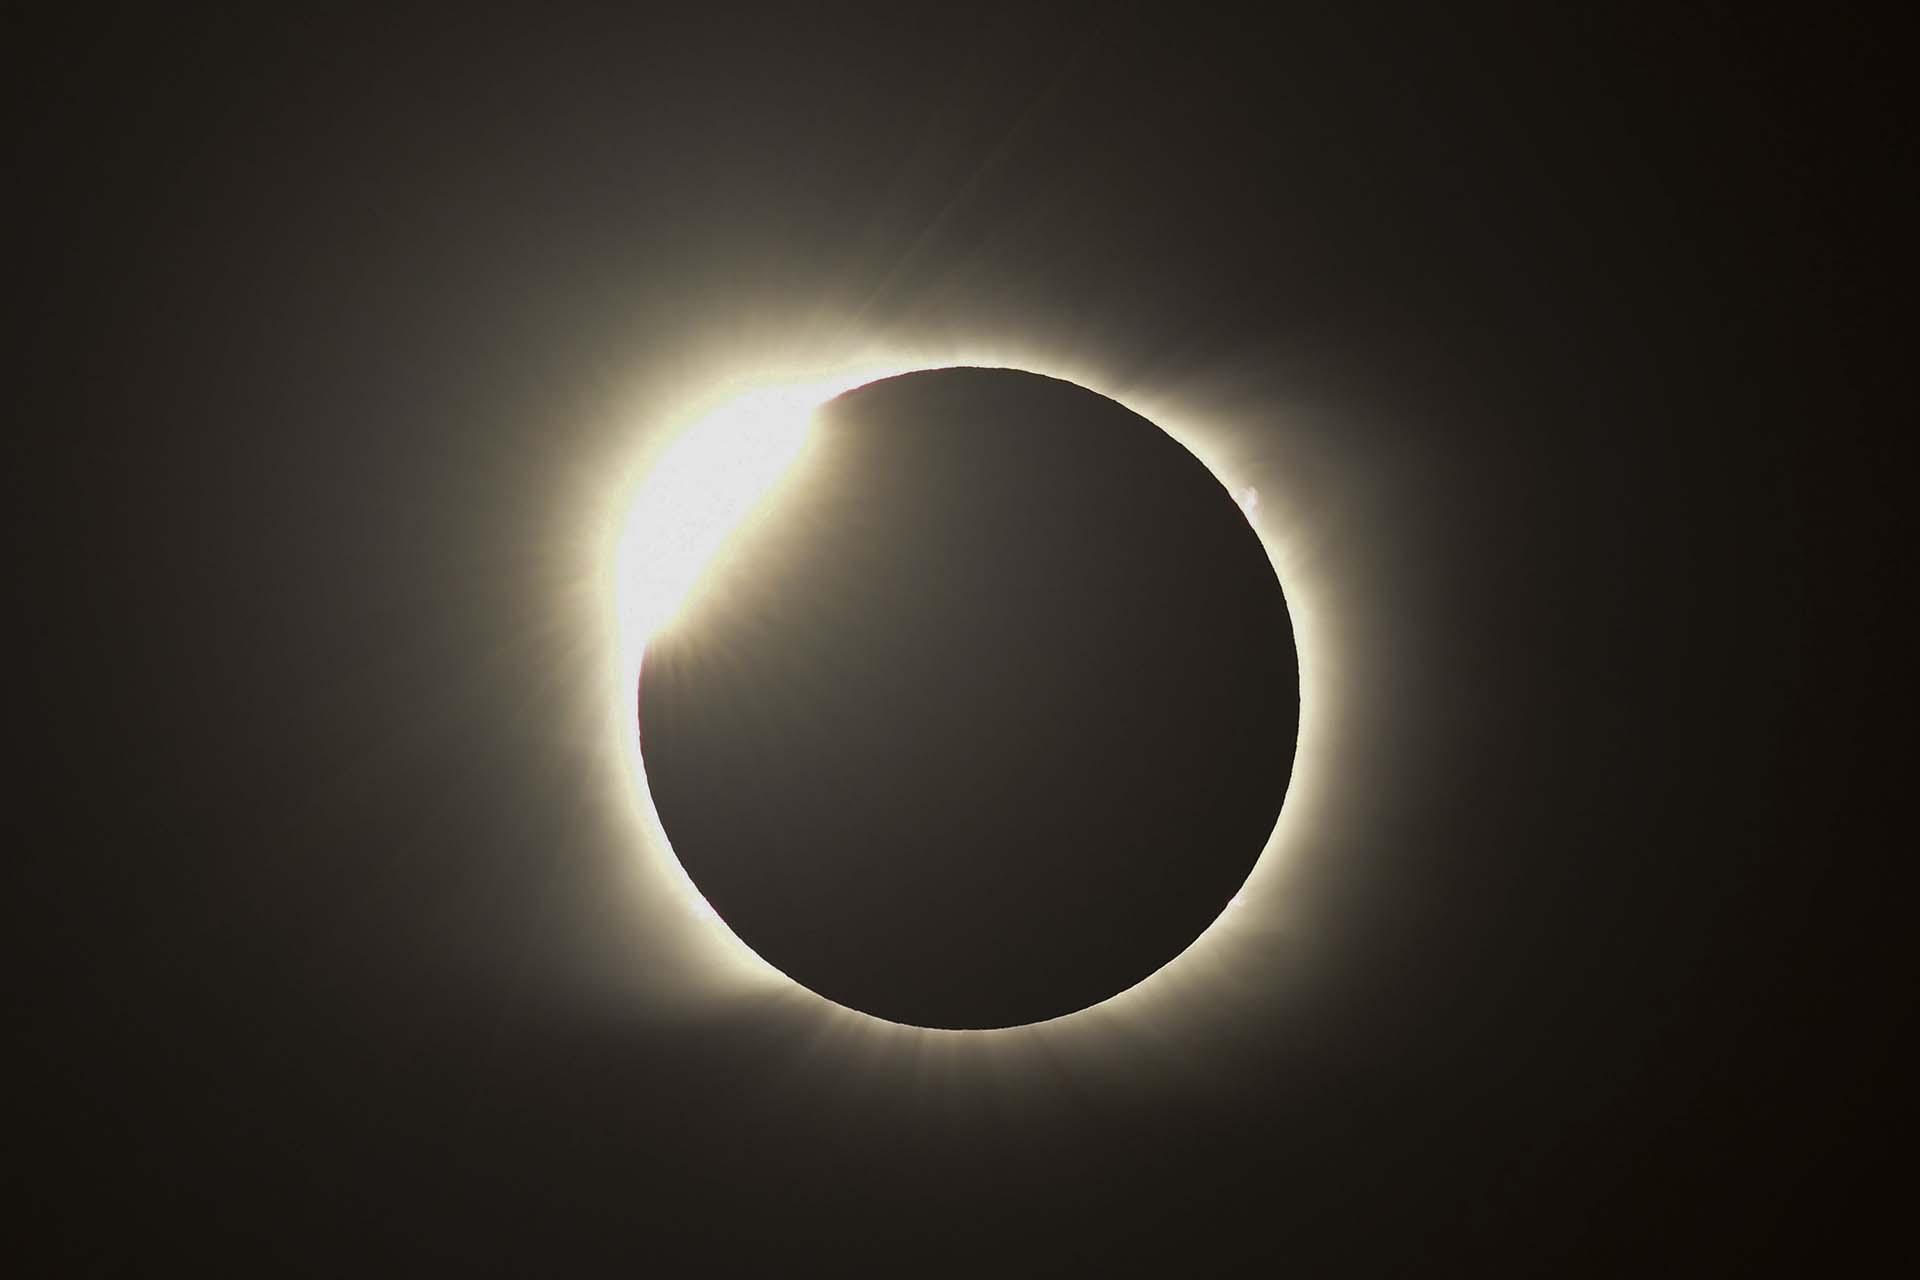 Tal como ocurrió el 2 de julio de 2019, Chile y Argentina fueron protagonistas excluyentes del eclipse solar total que tuvo lugar el 14 de diciembre a partir de las 13 horas. El efecto de anillo hizo que el día se hiciera de noche. La foto es desde Piedra del Águila, en la provincia de Neuquén